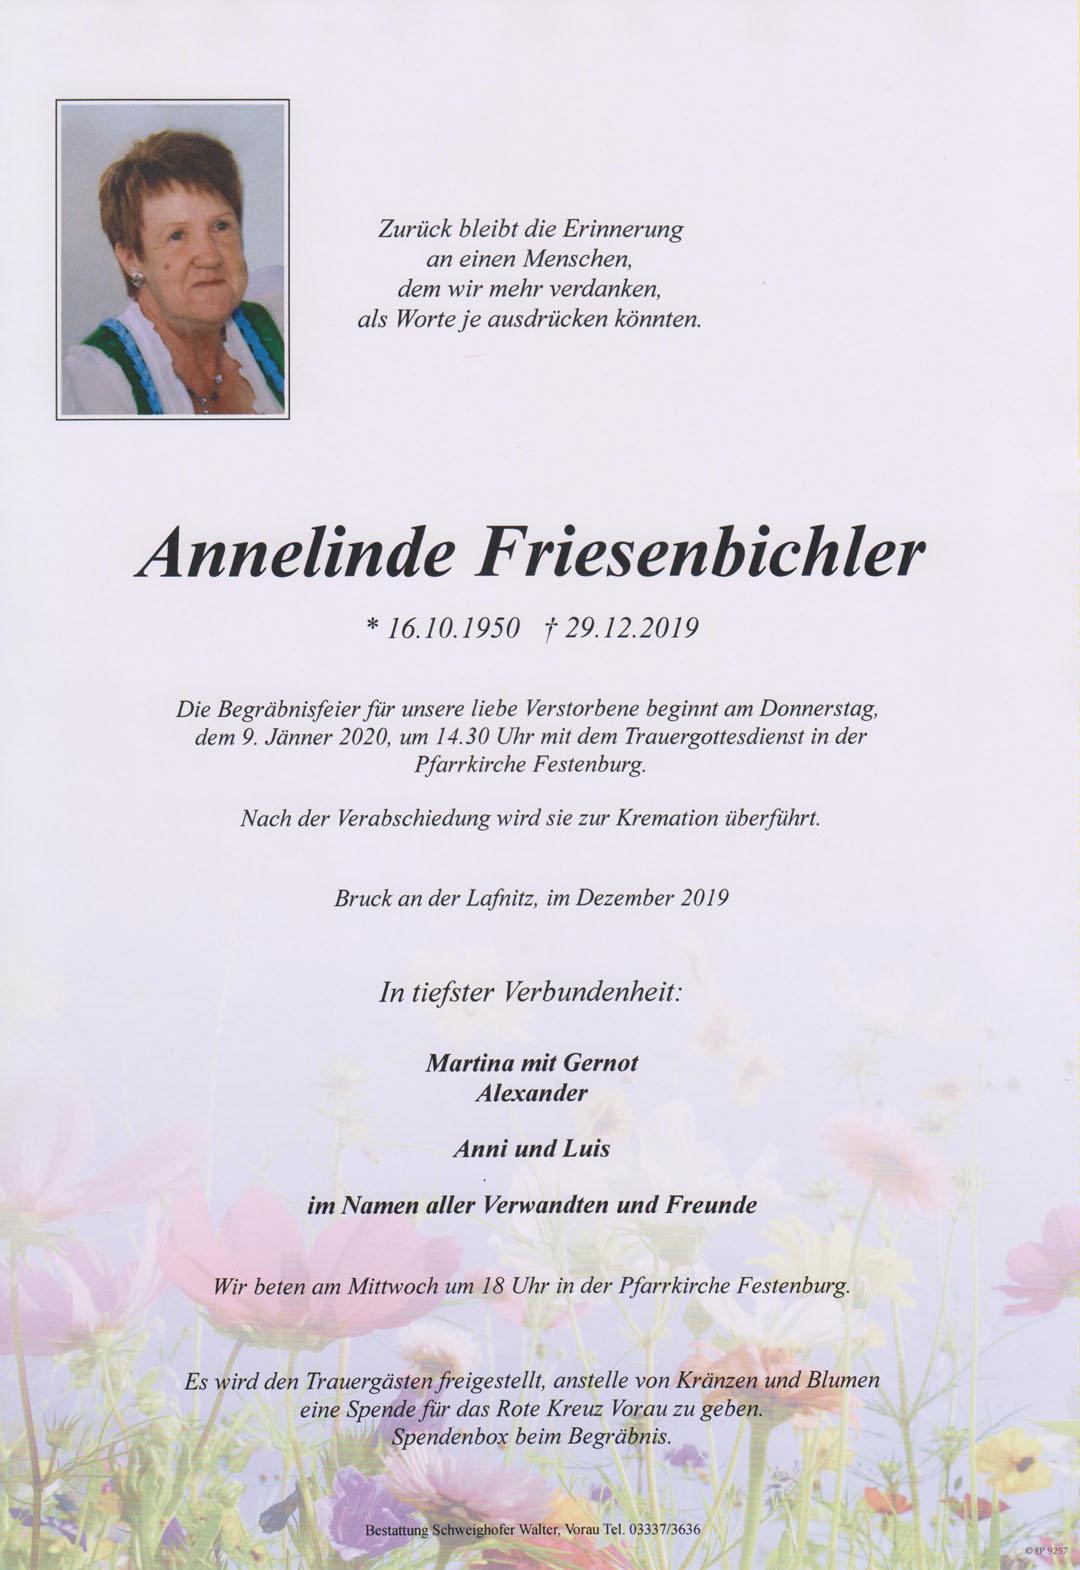 Annelinde Friesenbichler